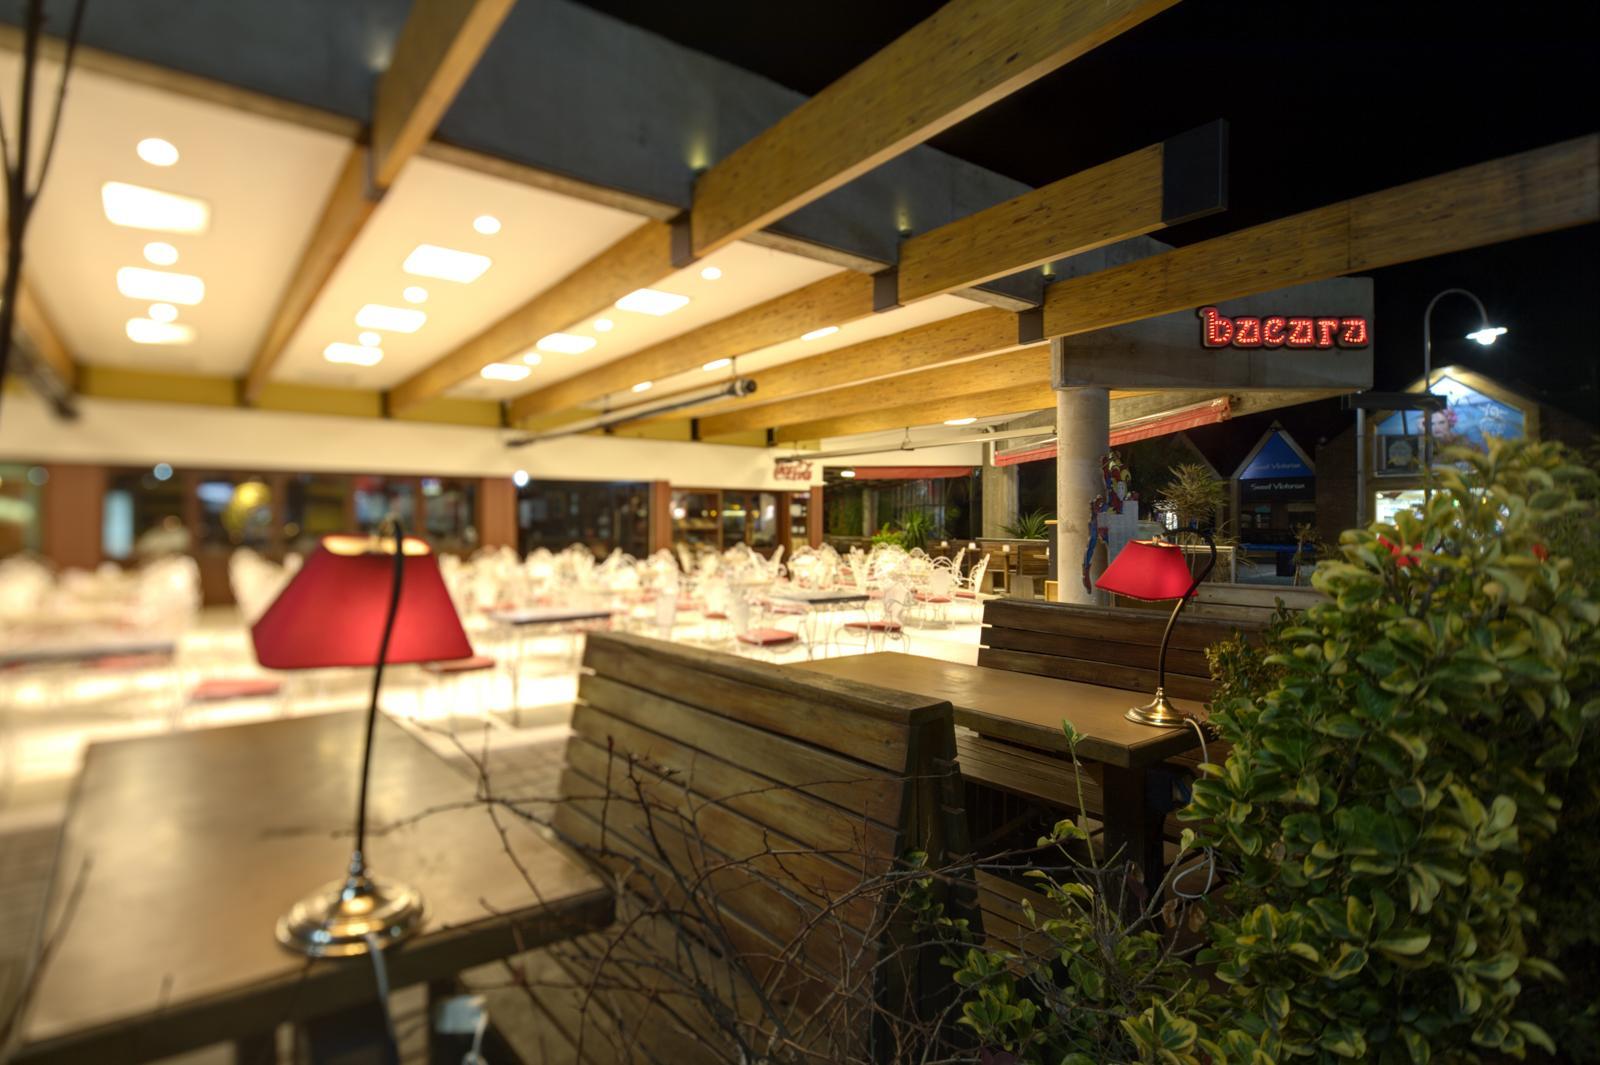 Fotografía de cafetería Bacará - Fotógrafo de interiorismo Andreas Grunau